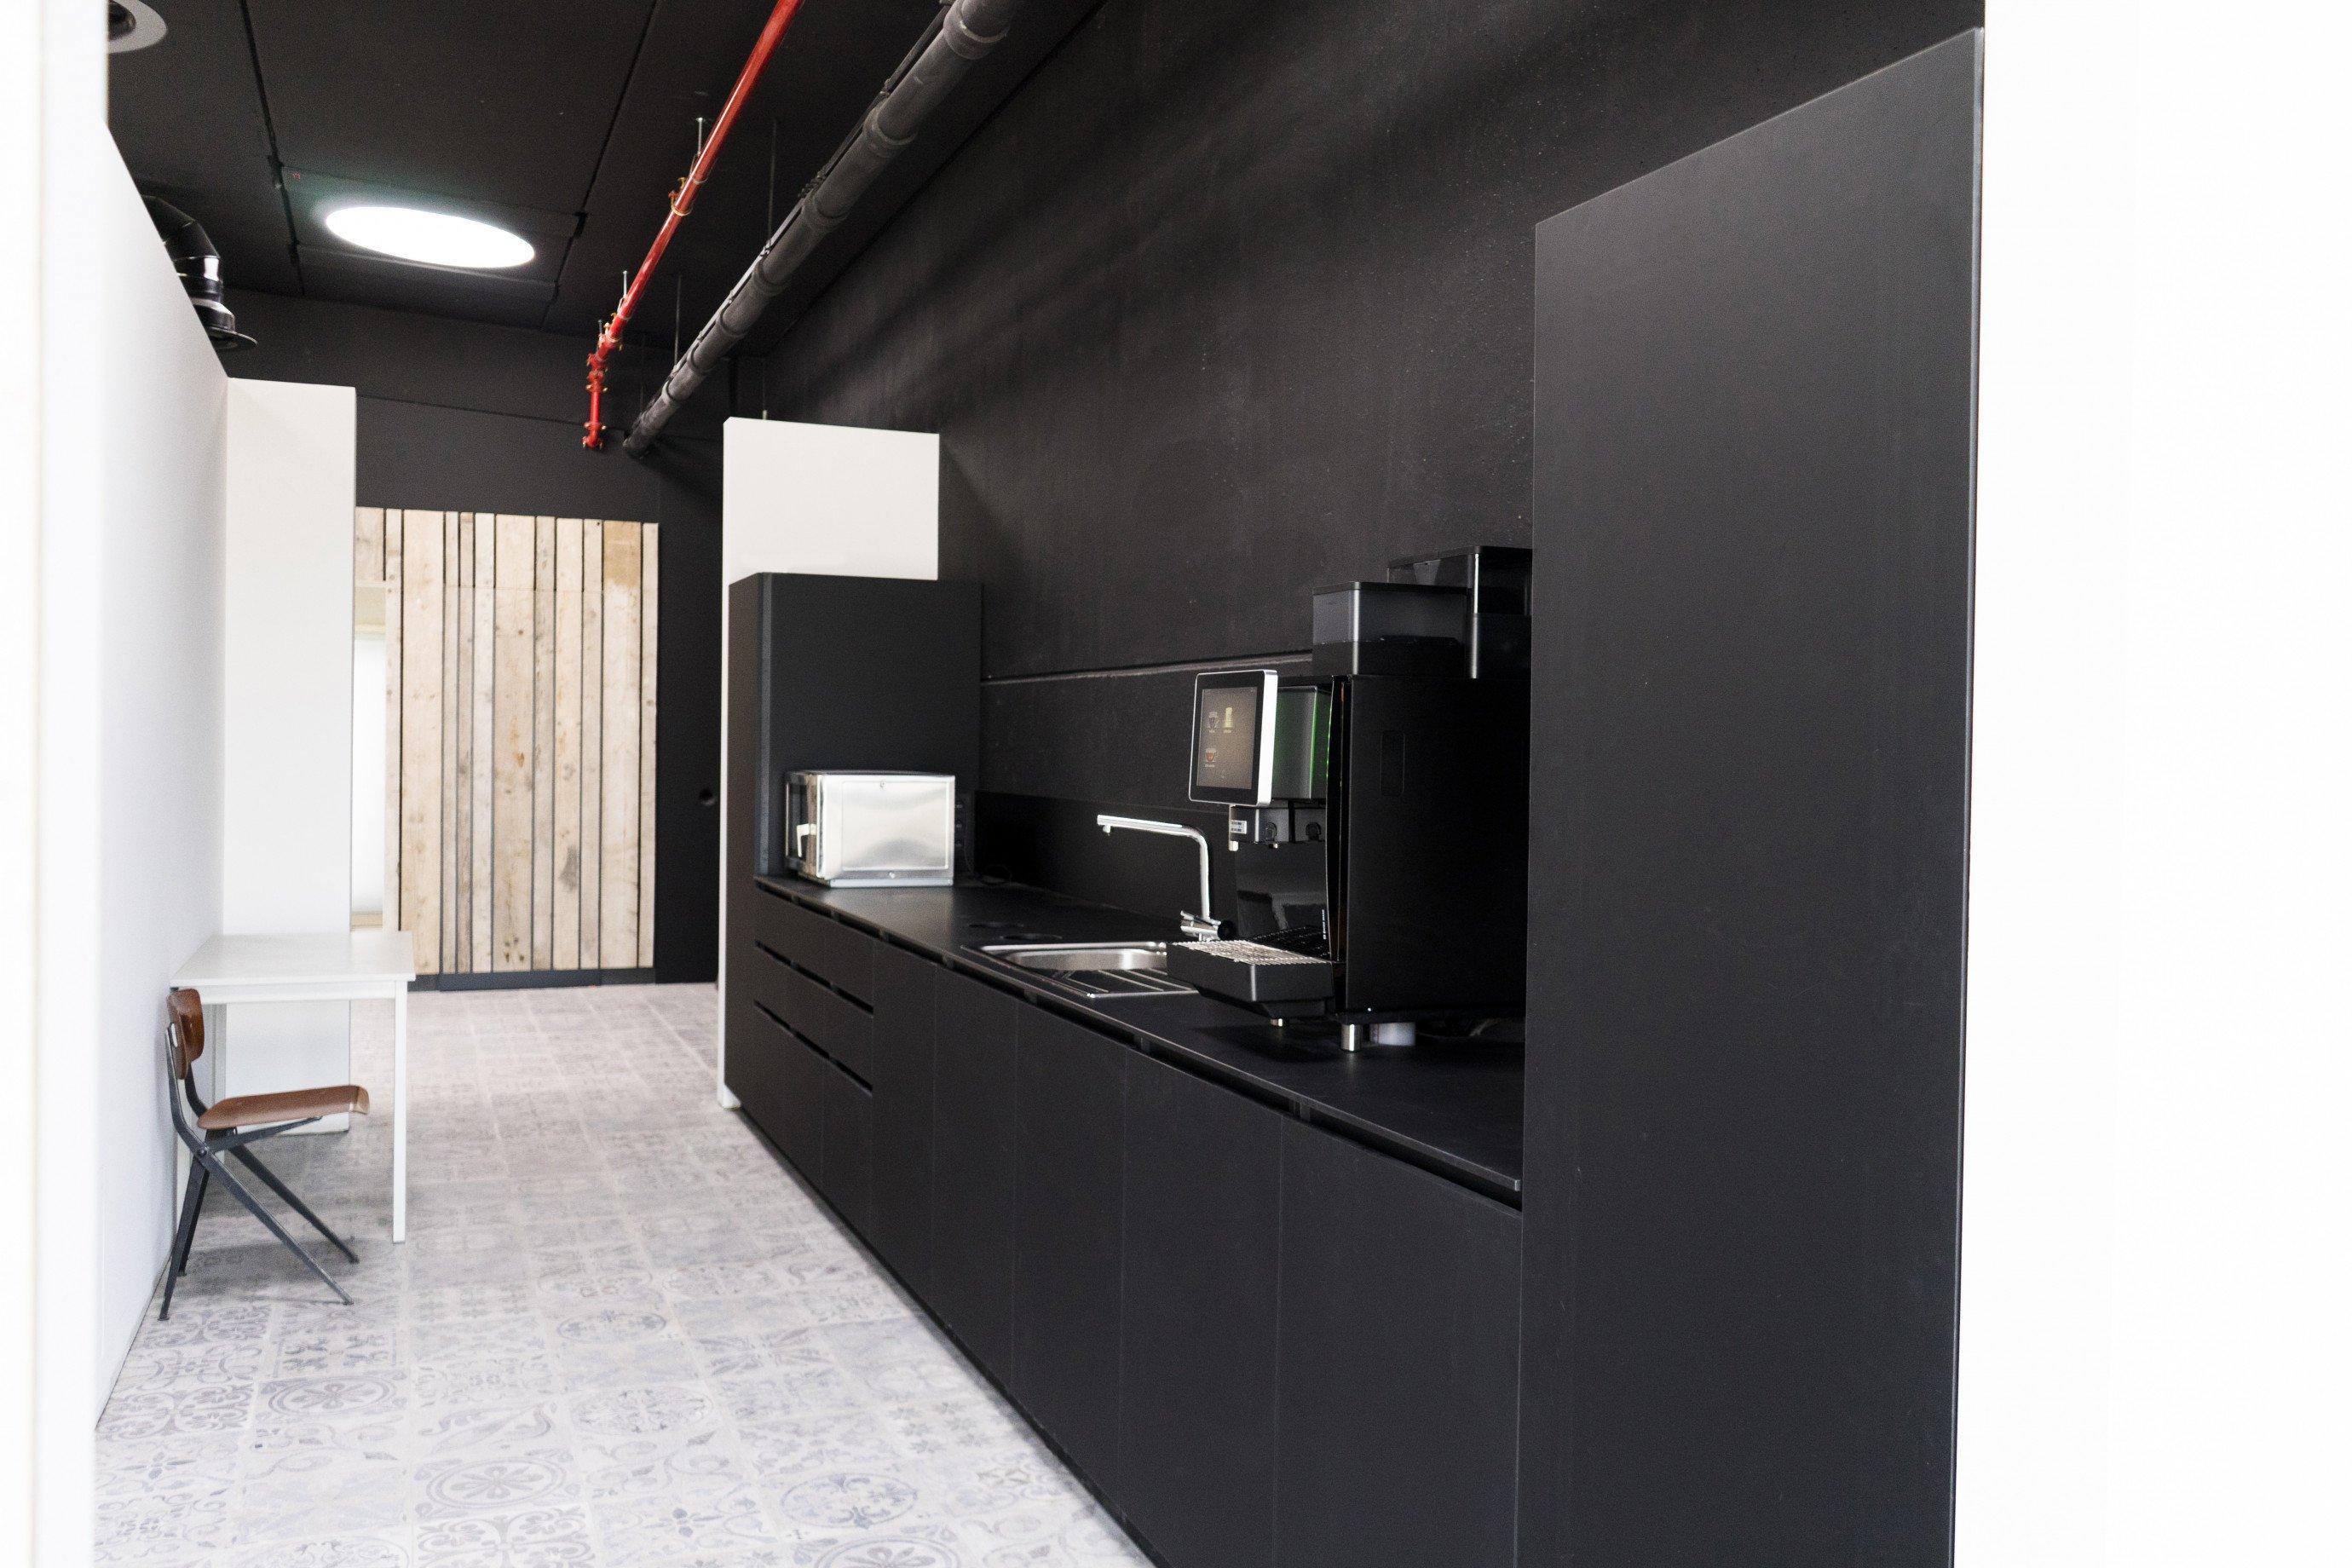 Laboratoriummeubilair: keuken